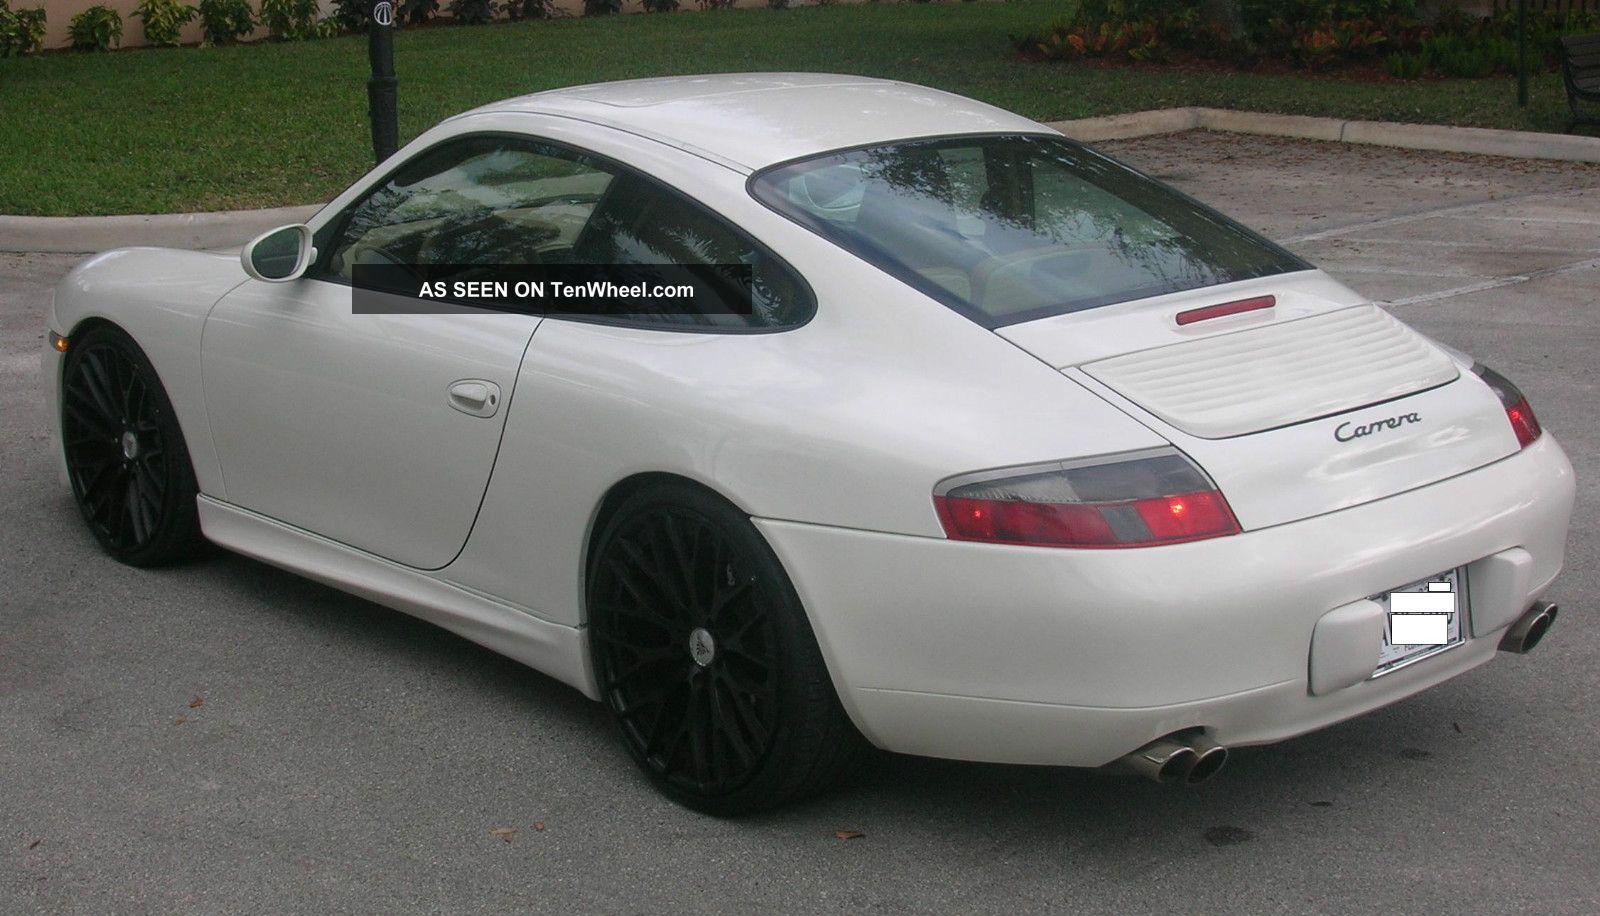 2001 Porsche 911 20  U0026quot  Autocouture Rims  Rare Color  Reliable Performance Video